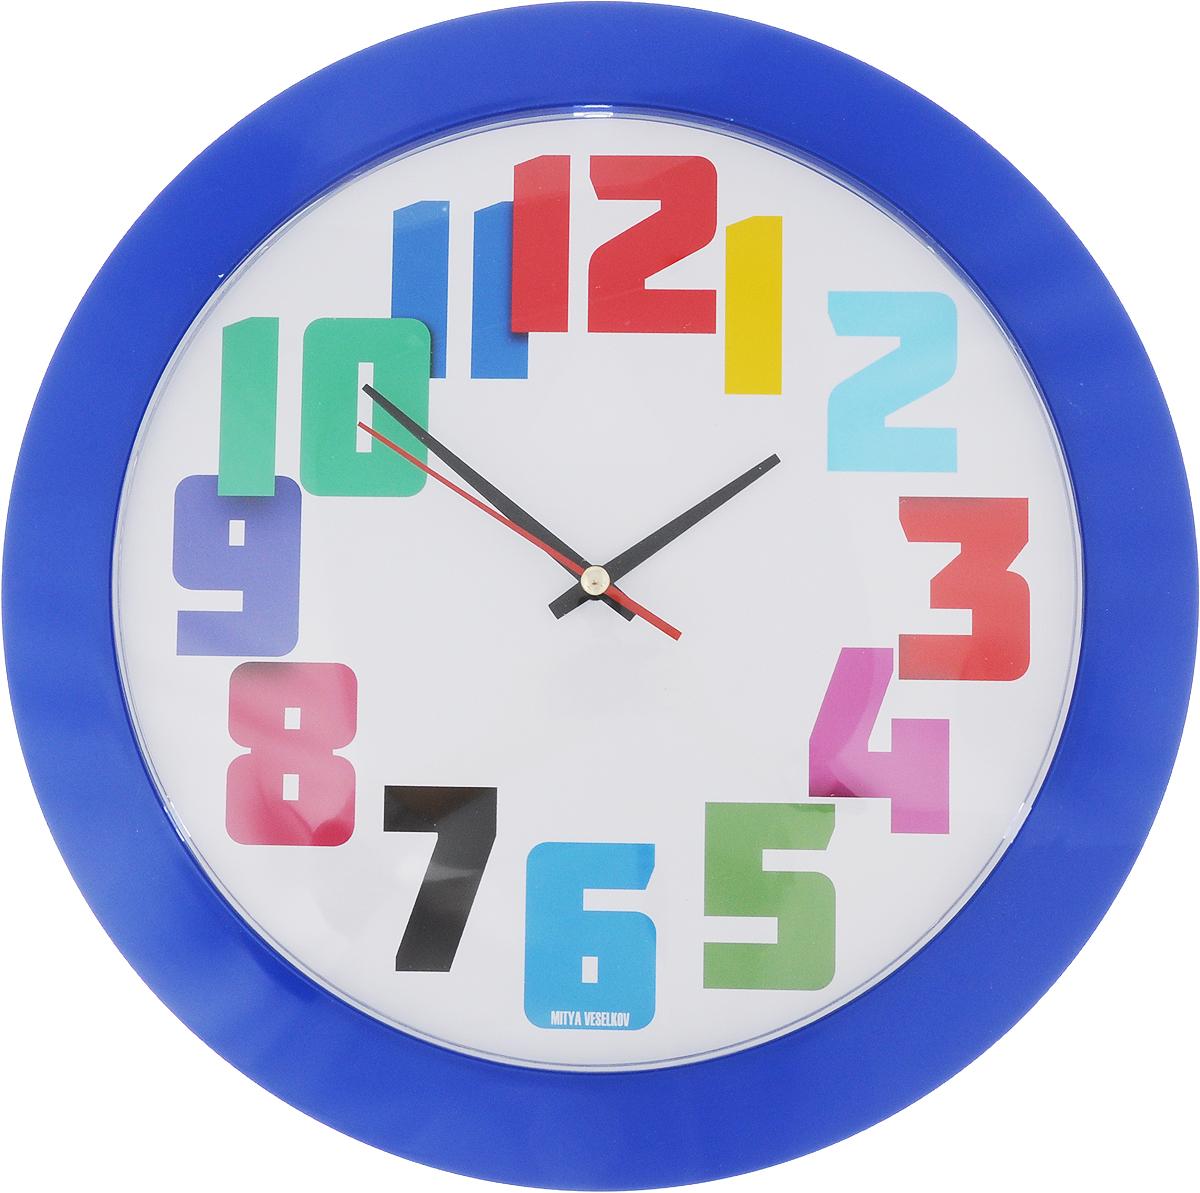 Часы настенные Mitya Veselkov Разноцветные цифры, цвет: синий, диаметр 30 смMVC.NAST-002Оригинальные настенные часы Mitya Veselkov Разноцветные цифры прекрасно дополнят интерьер комнаты. Круглый корпус часов выполнен из металла синего цвета. Циферблат защищен стеклом. Часы имеют три стрелки - часовую, минутную и секундную.Оформите свой дом таким интерьерным аксессуаром или преподнесите его в качестве презента друзьям, и они оценят ваш оригинальный вкус и неординарность подарка. Диаметр часов: 30 см. Толщина корпуса: 4 см. Часы работают от 1 батарейки типа АА (входит в комплект).